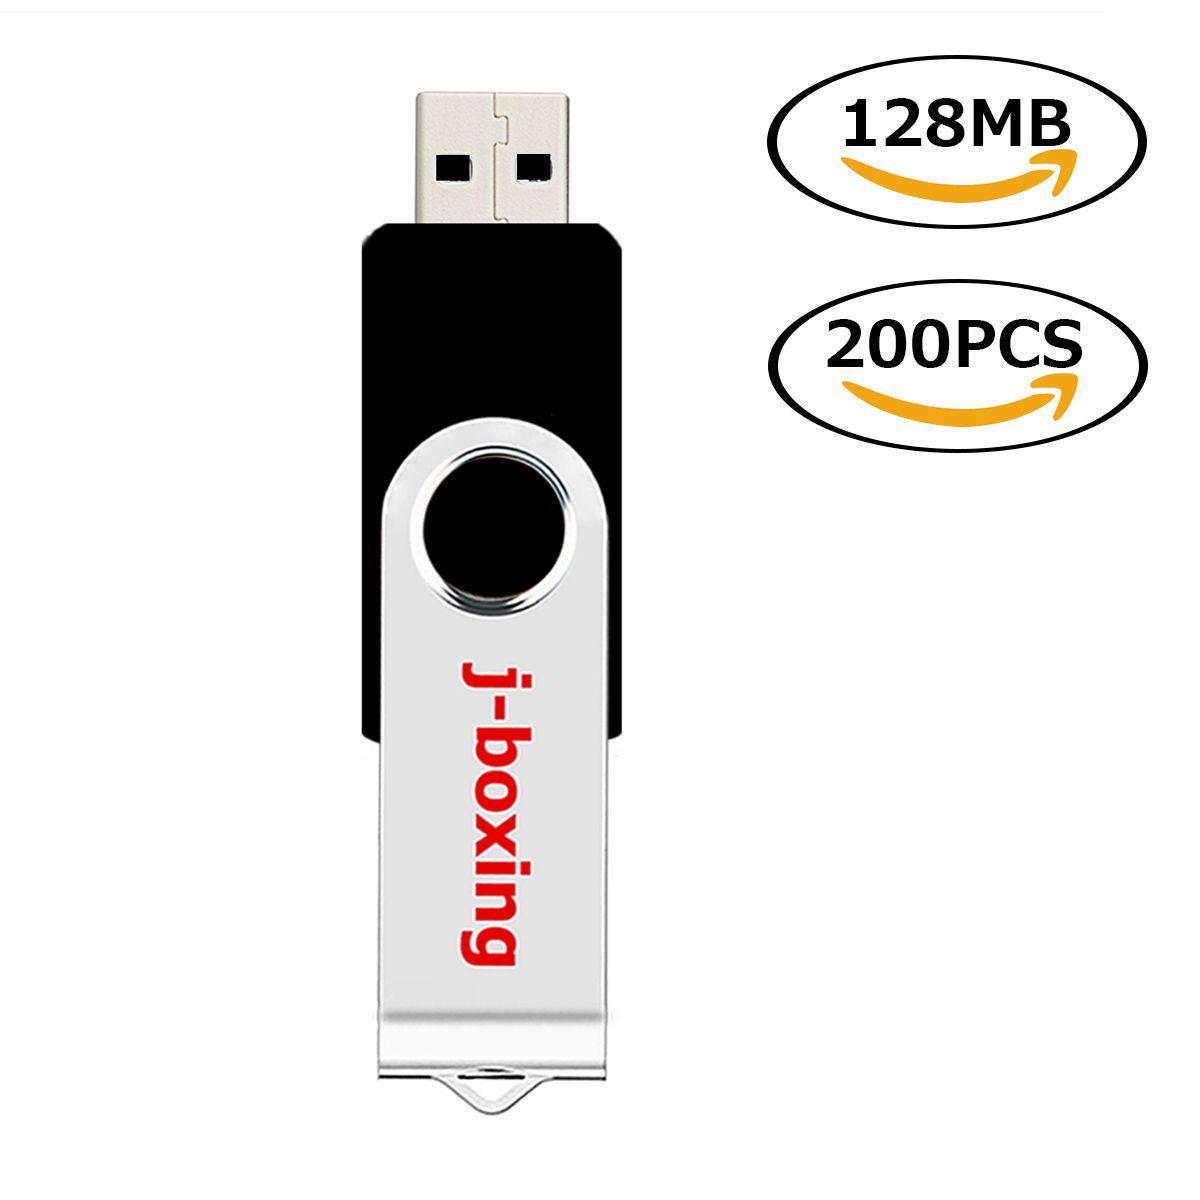 Bulk 200PCS 128MB USB Flash Drives Swivel Black USB 2.0 Pen Drives Metal Rotating Memory Sticks for Computer Laptop Tablet Thumb Storage